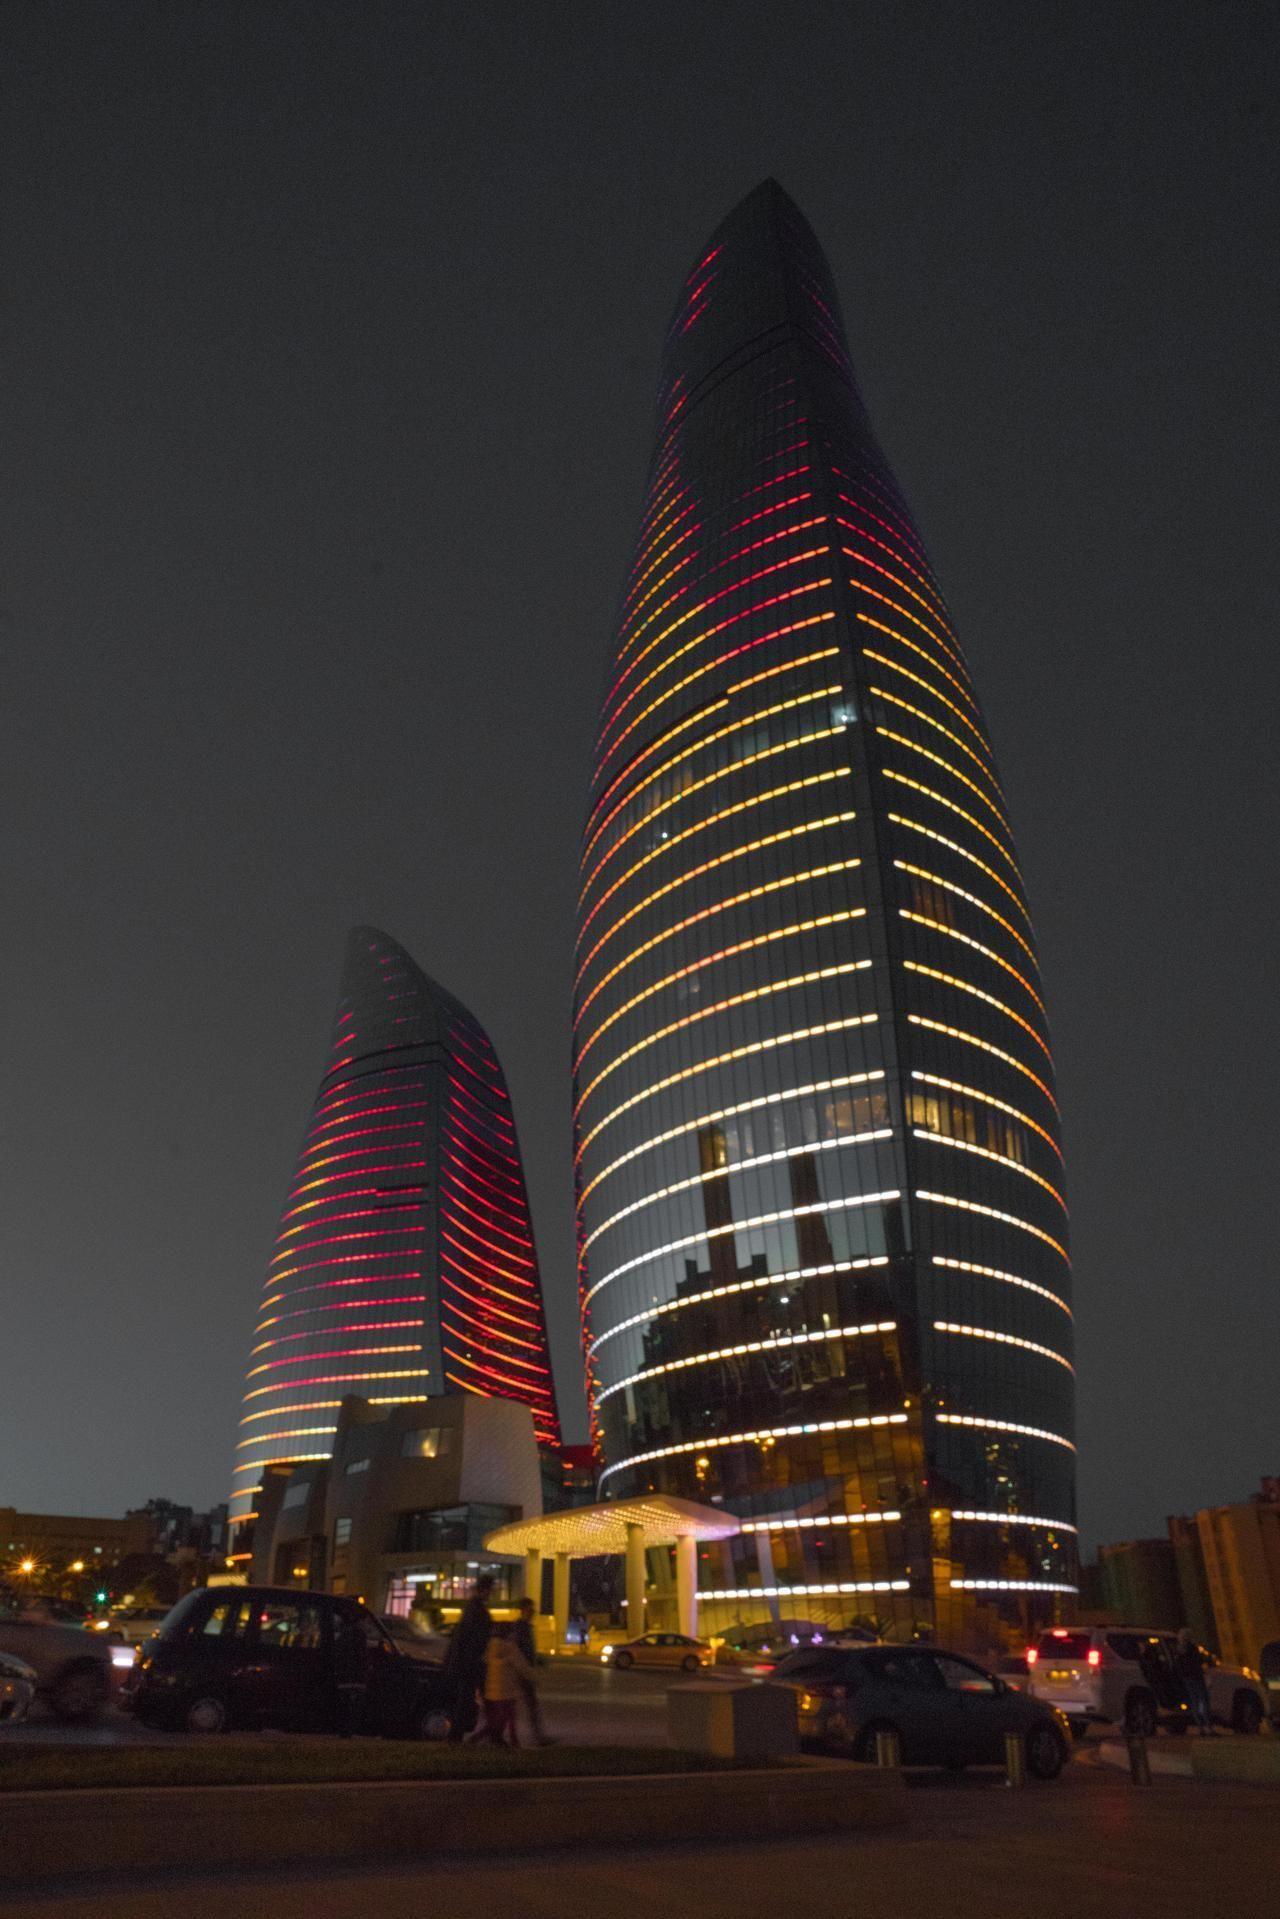 The Flame Towers in Baku Azerbaijan